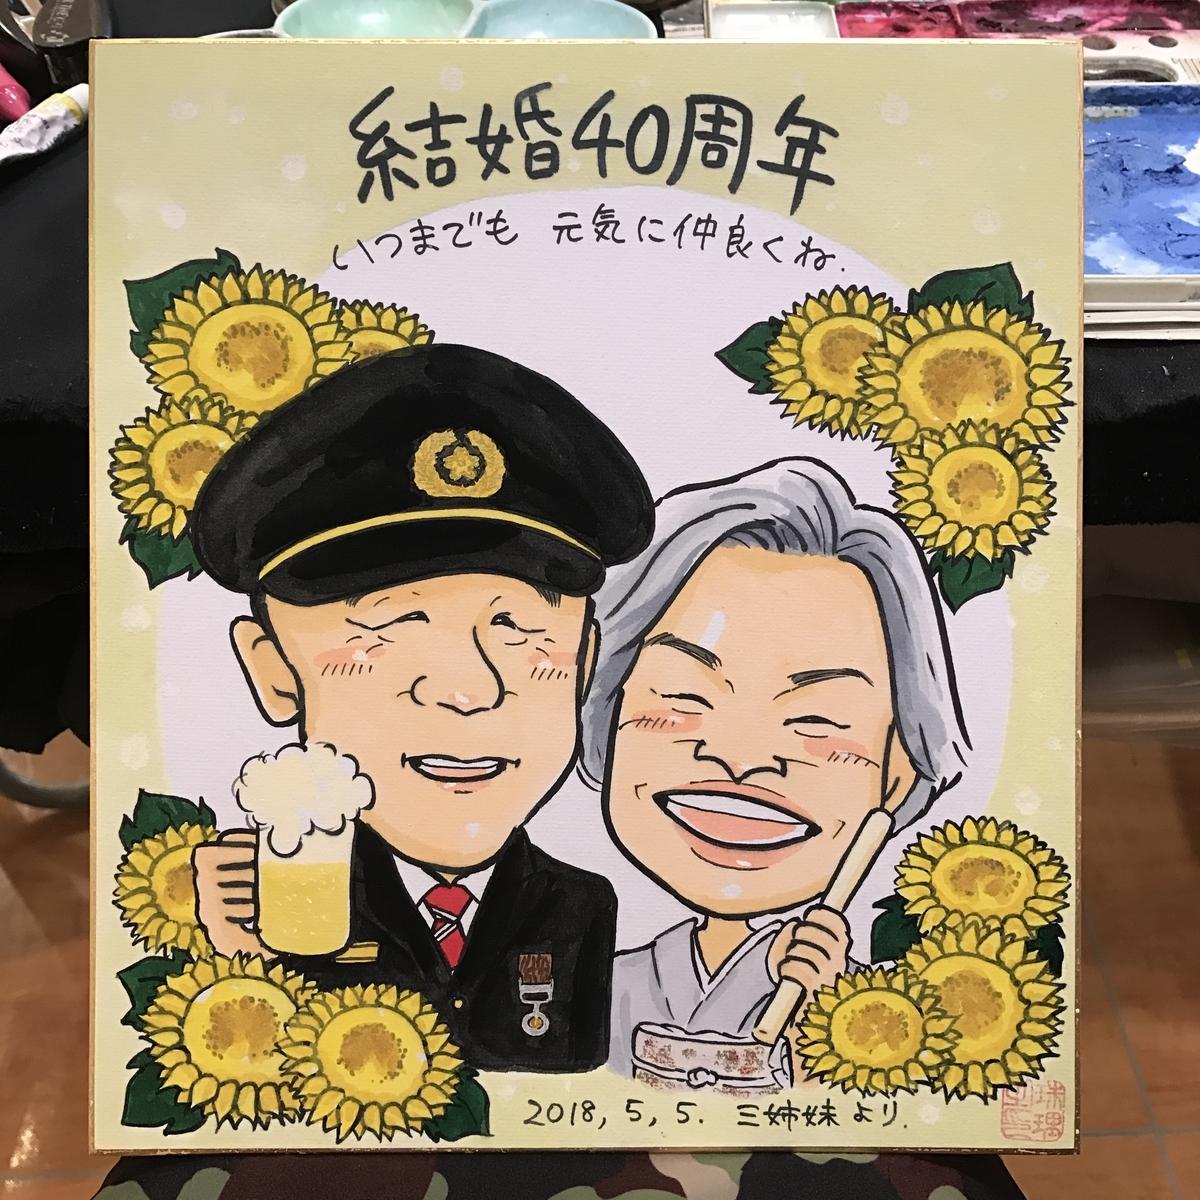 結婚40周年記念の似顔絵